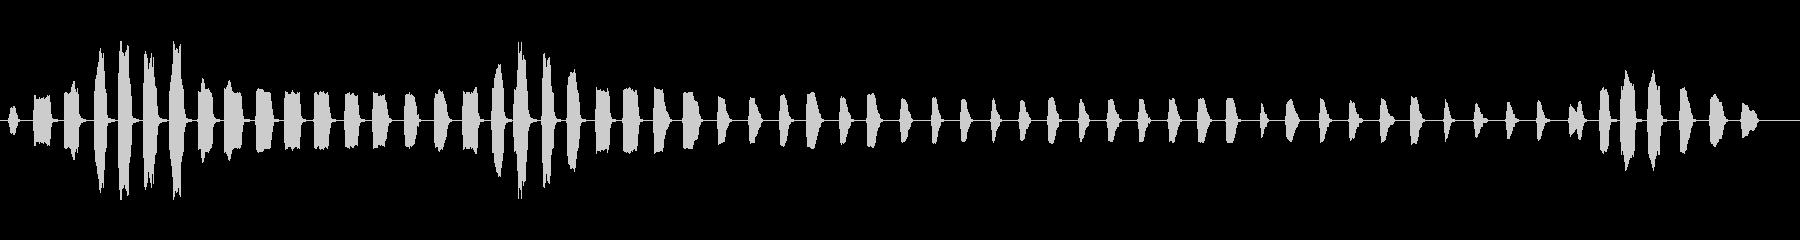 ダックコールチューブノイズメーカー...の未再生の波形